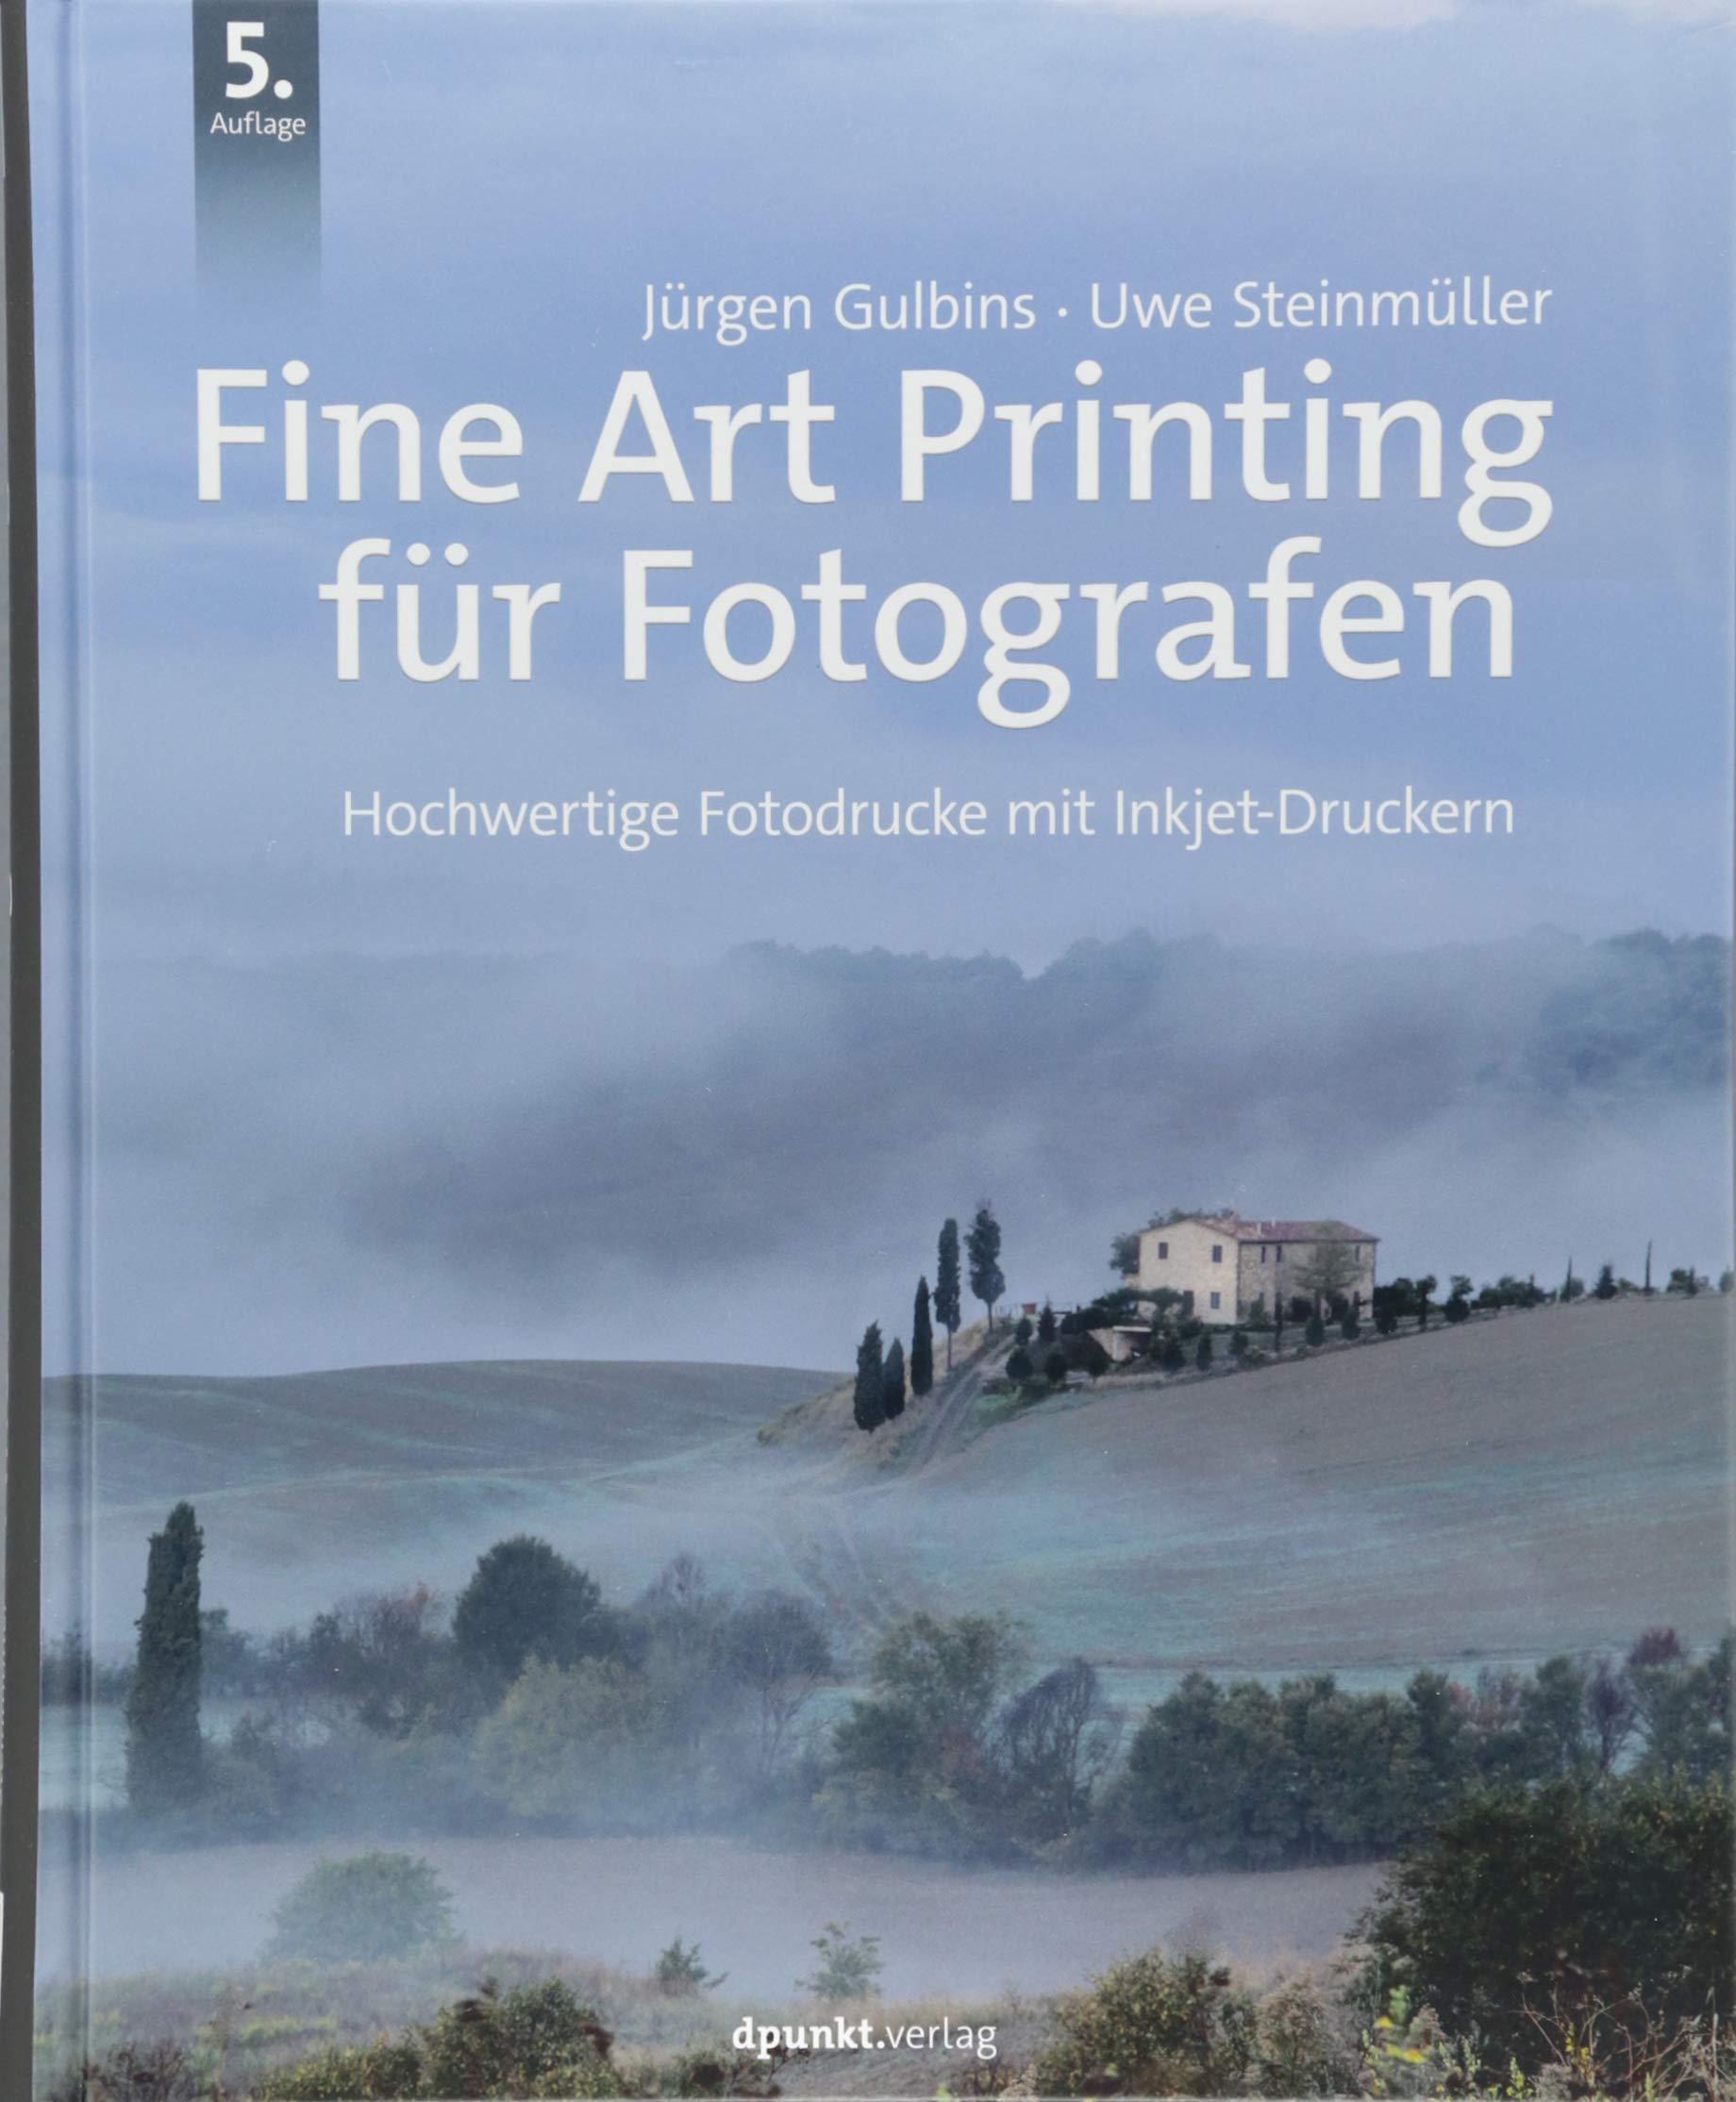 Fine Art Printing für Fotografen: Hochwertige Fotodrucke mit Inkjet-Druckern Gebundenes Buch – 11. Juni 2018 Jürgen Gulbins Uwe Steinmüller dpunkt.verlag GmbH 3864905664